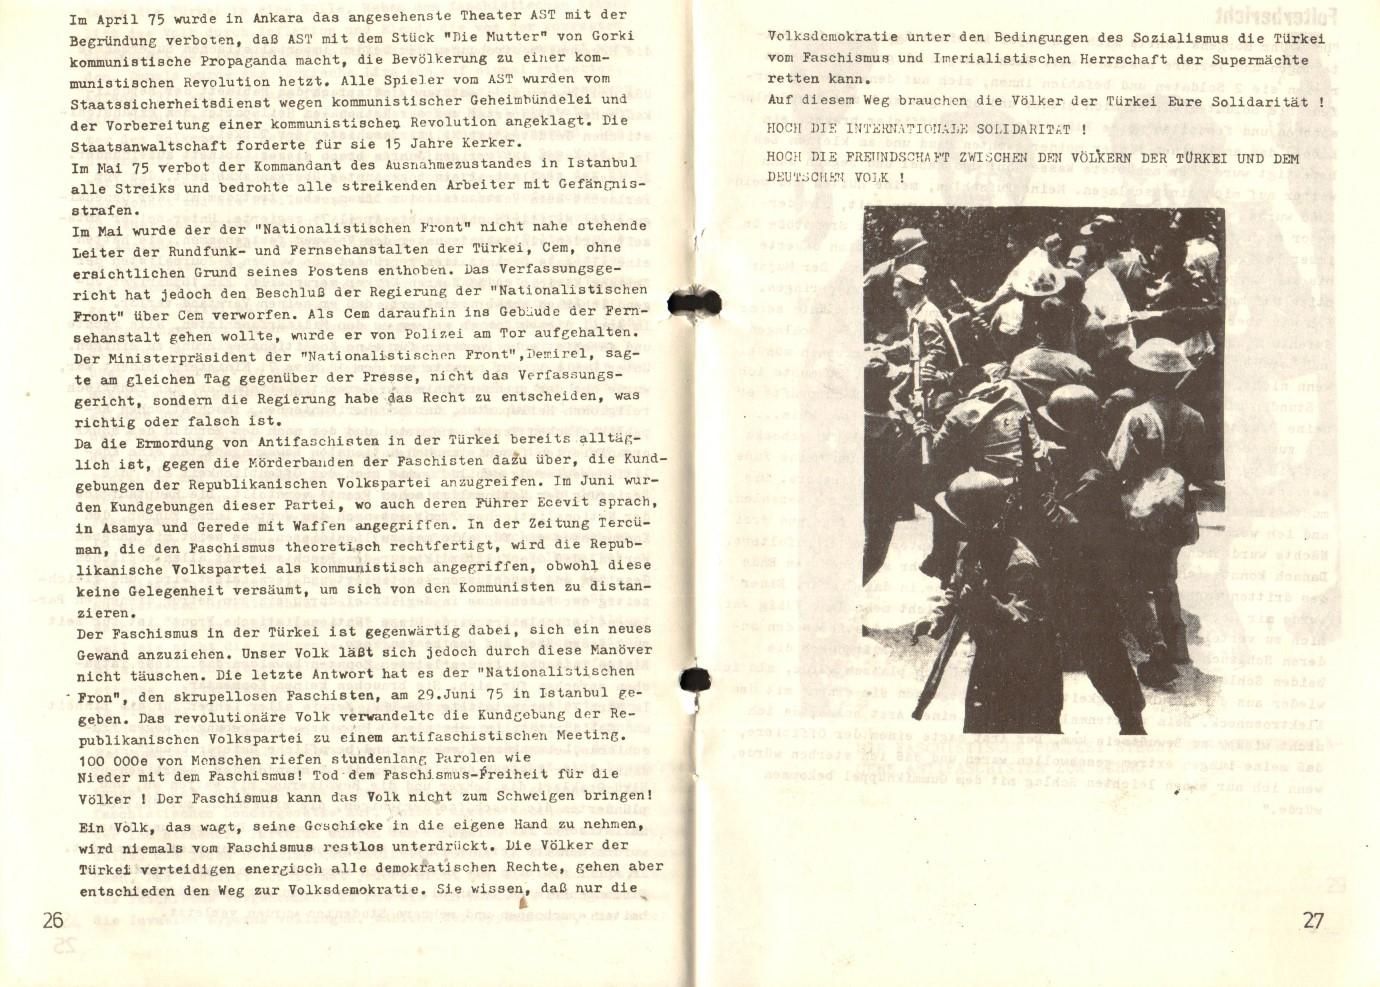 NRW_Rote_Hilfe_1975_Sofortige_Freilassung_der_tuerkischen_Patrioten_15